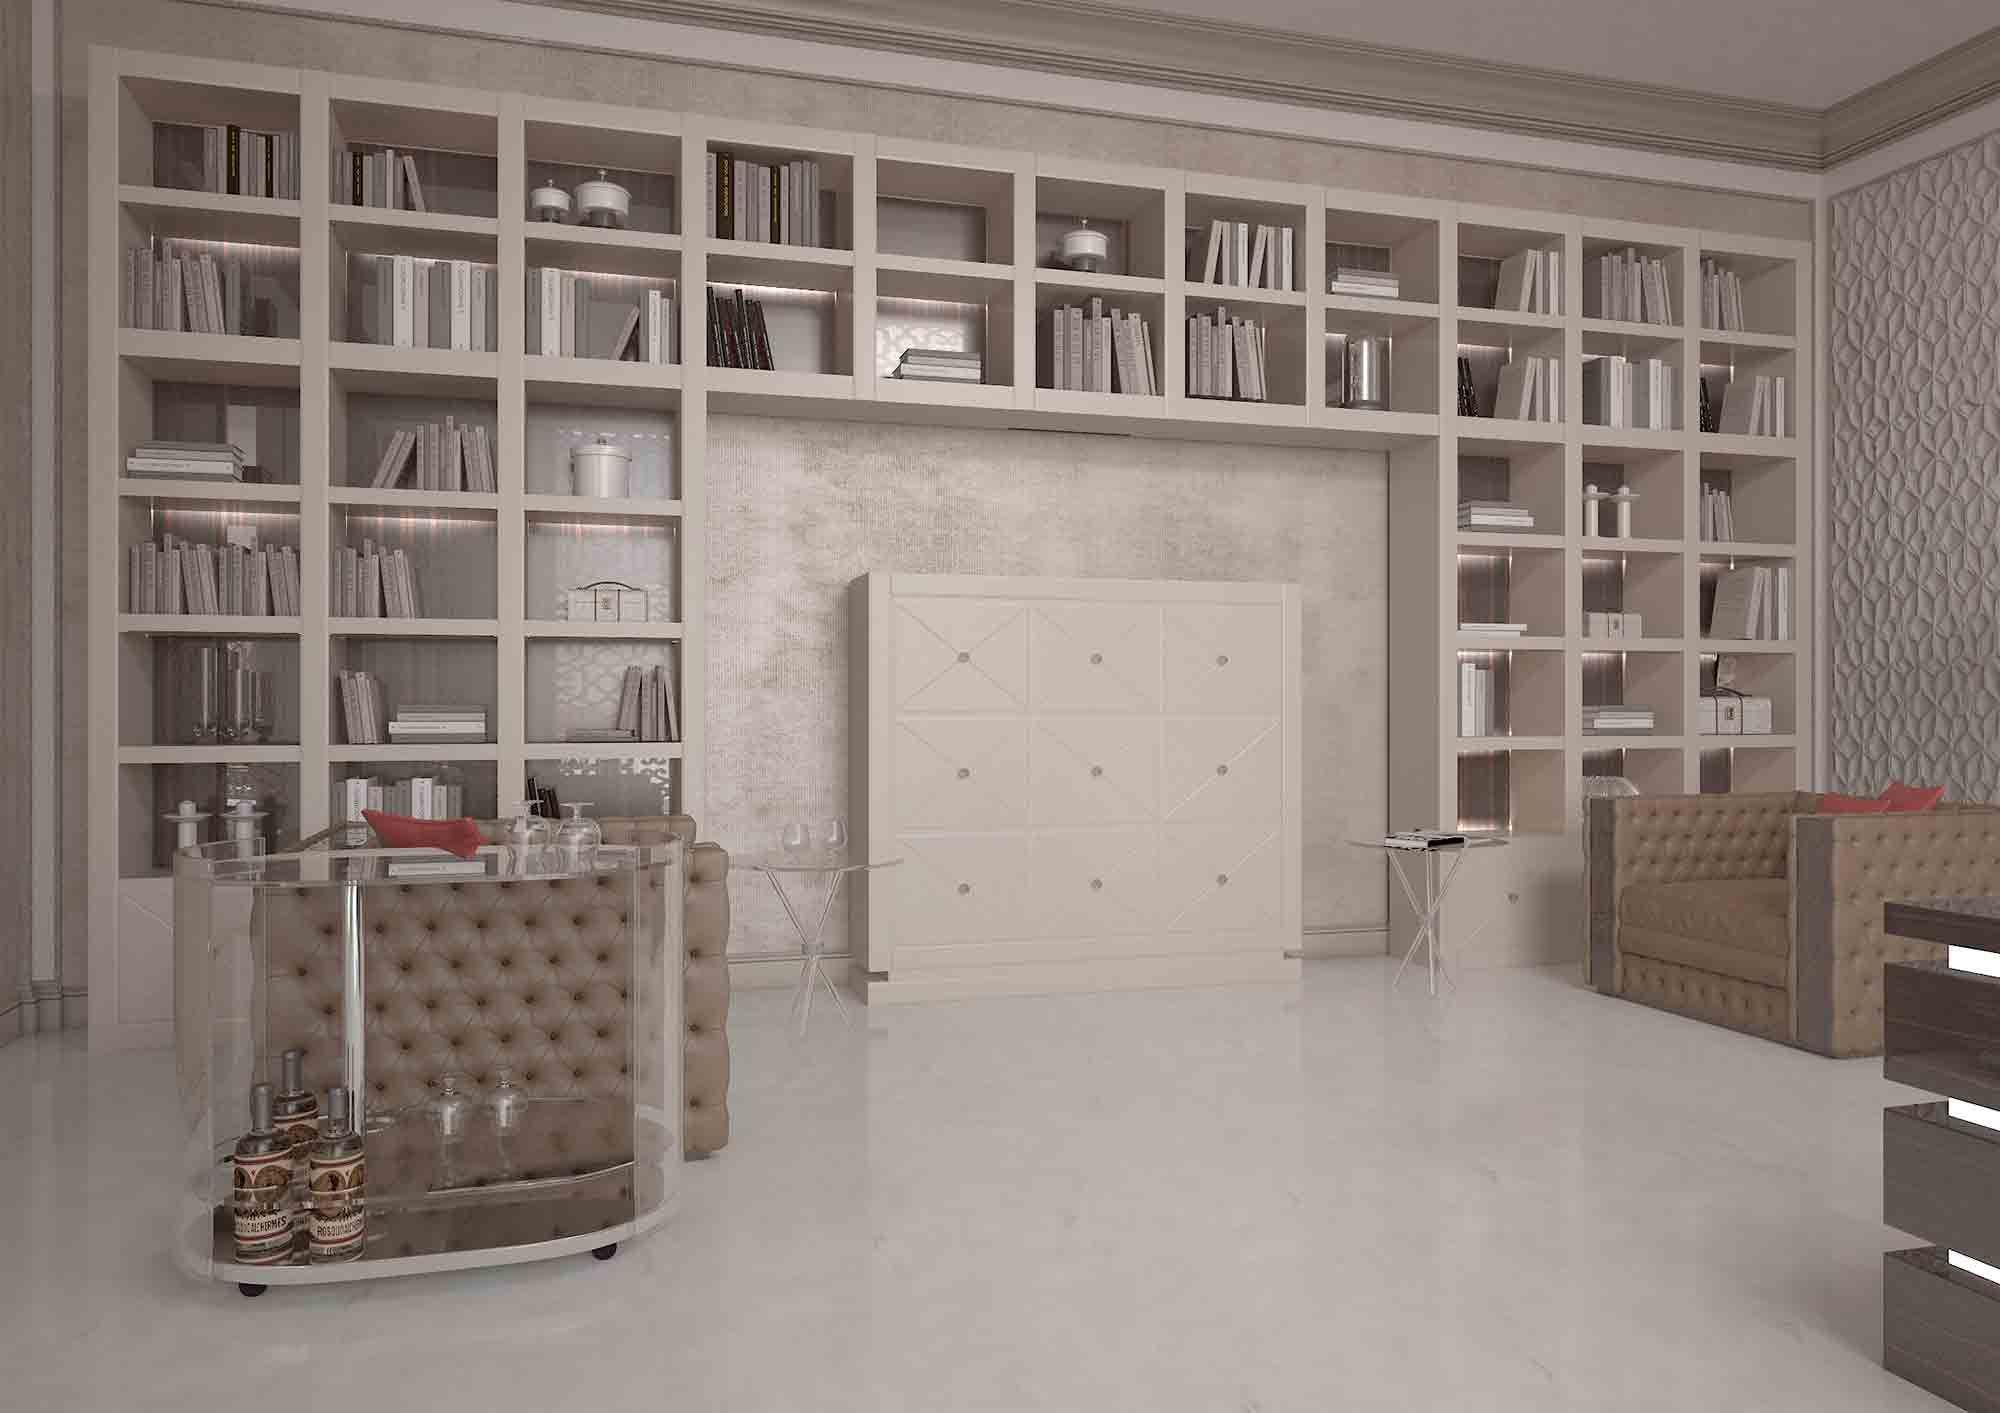 Meubles De Luxe Grande Bibliotheque Luxueuse